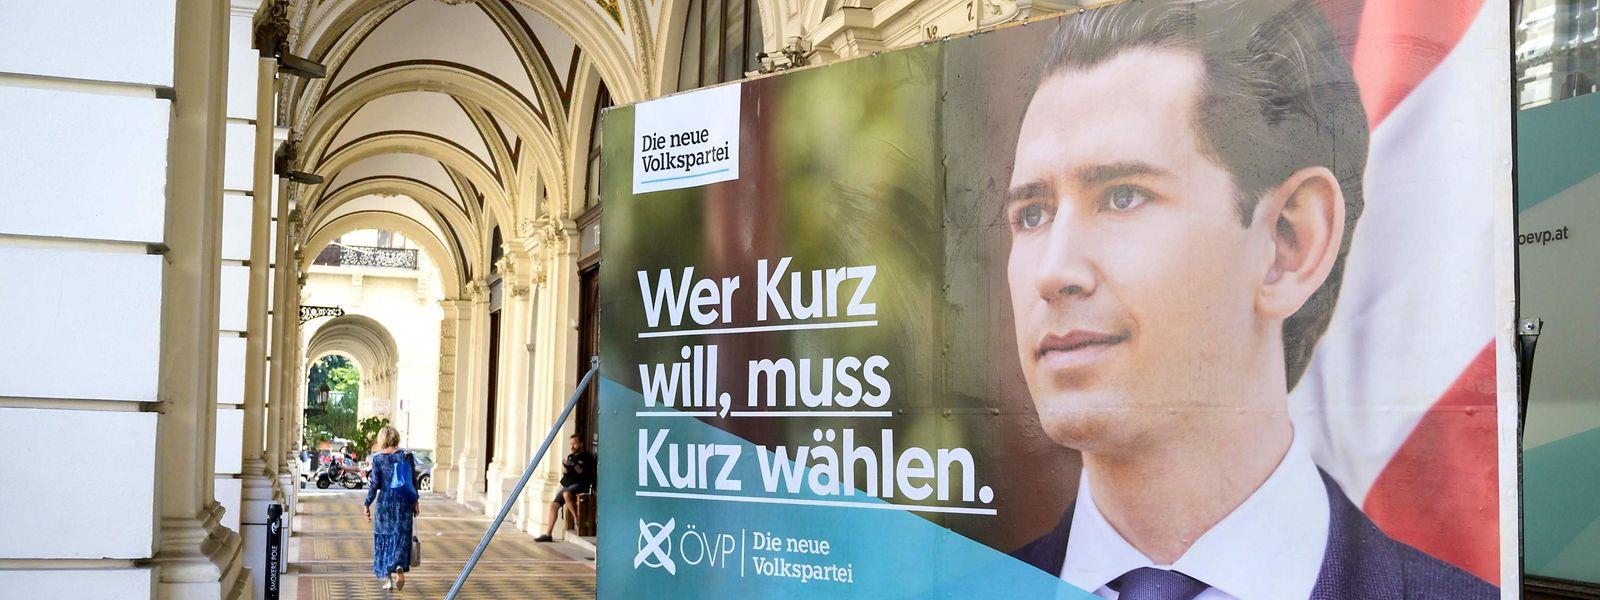 Ende September finden in Österreich Neuwahlen statt.